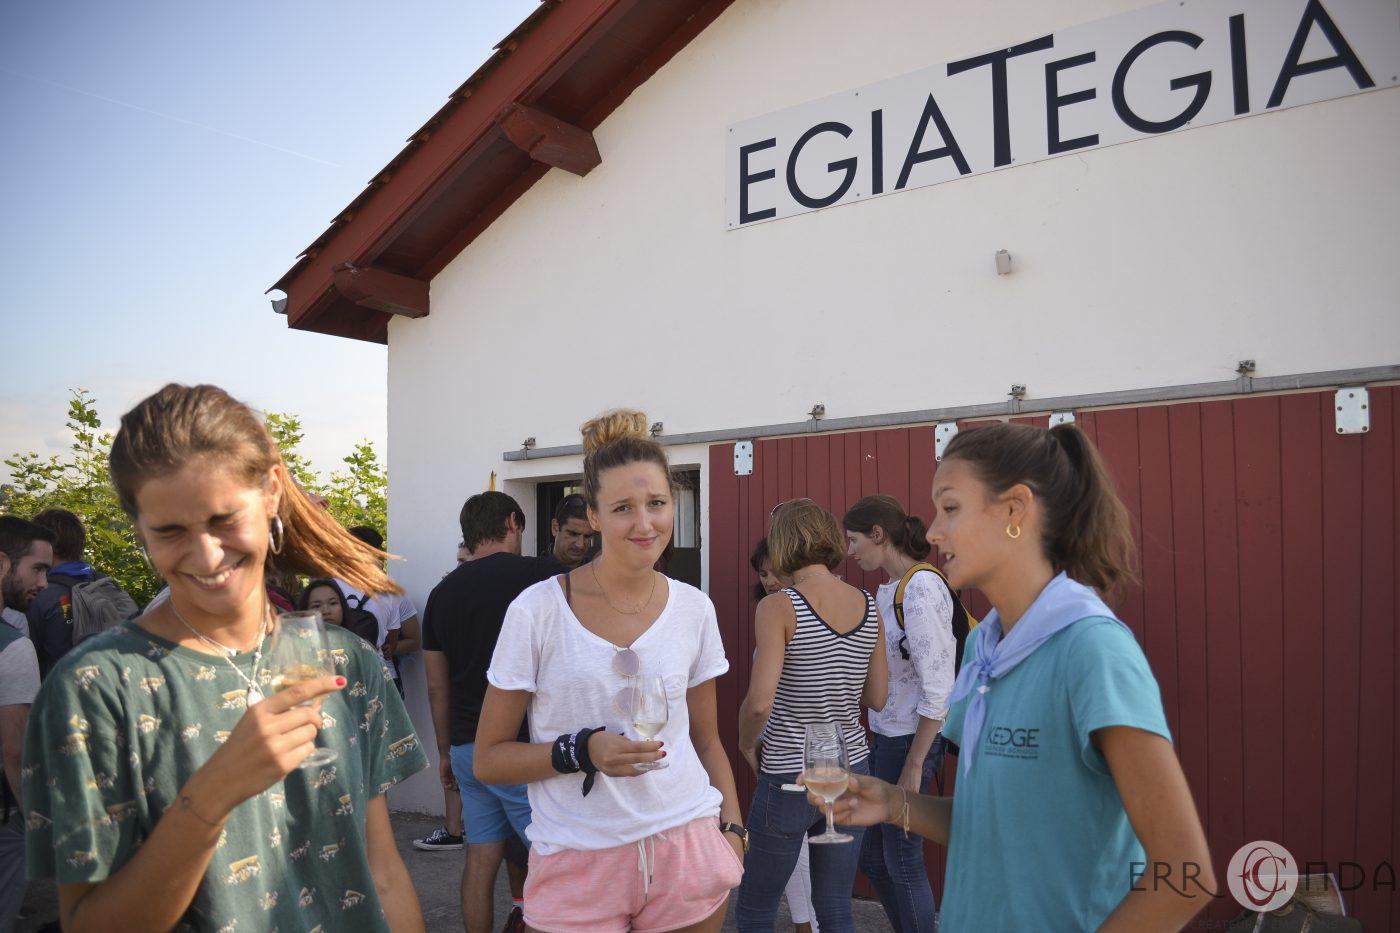 photographie_evenementiel_team_building_pays_basque_ciboure_saint_jean_de_luz_socoa_chasse_au_trésor_vin_degustation_gastronomie_charcuterie_bayonne_ecole_de_commerce_plage_ocean_jeux